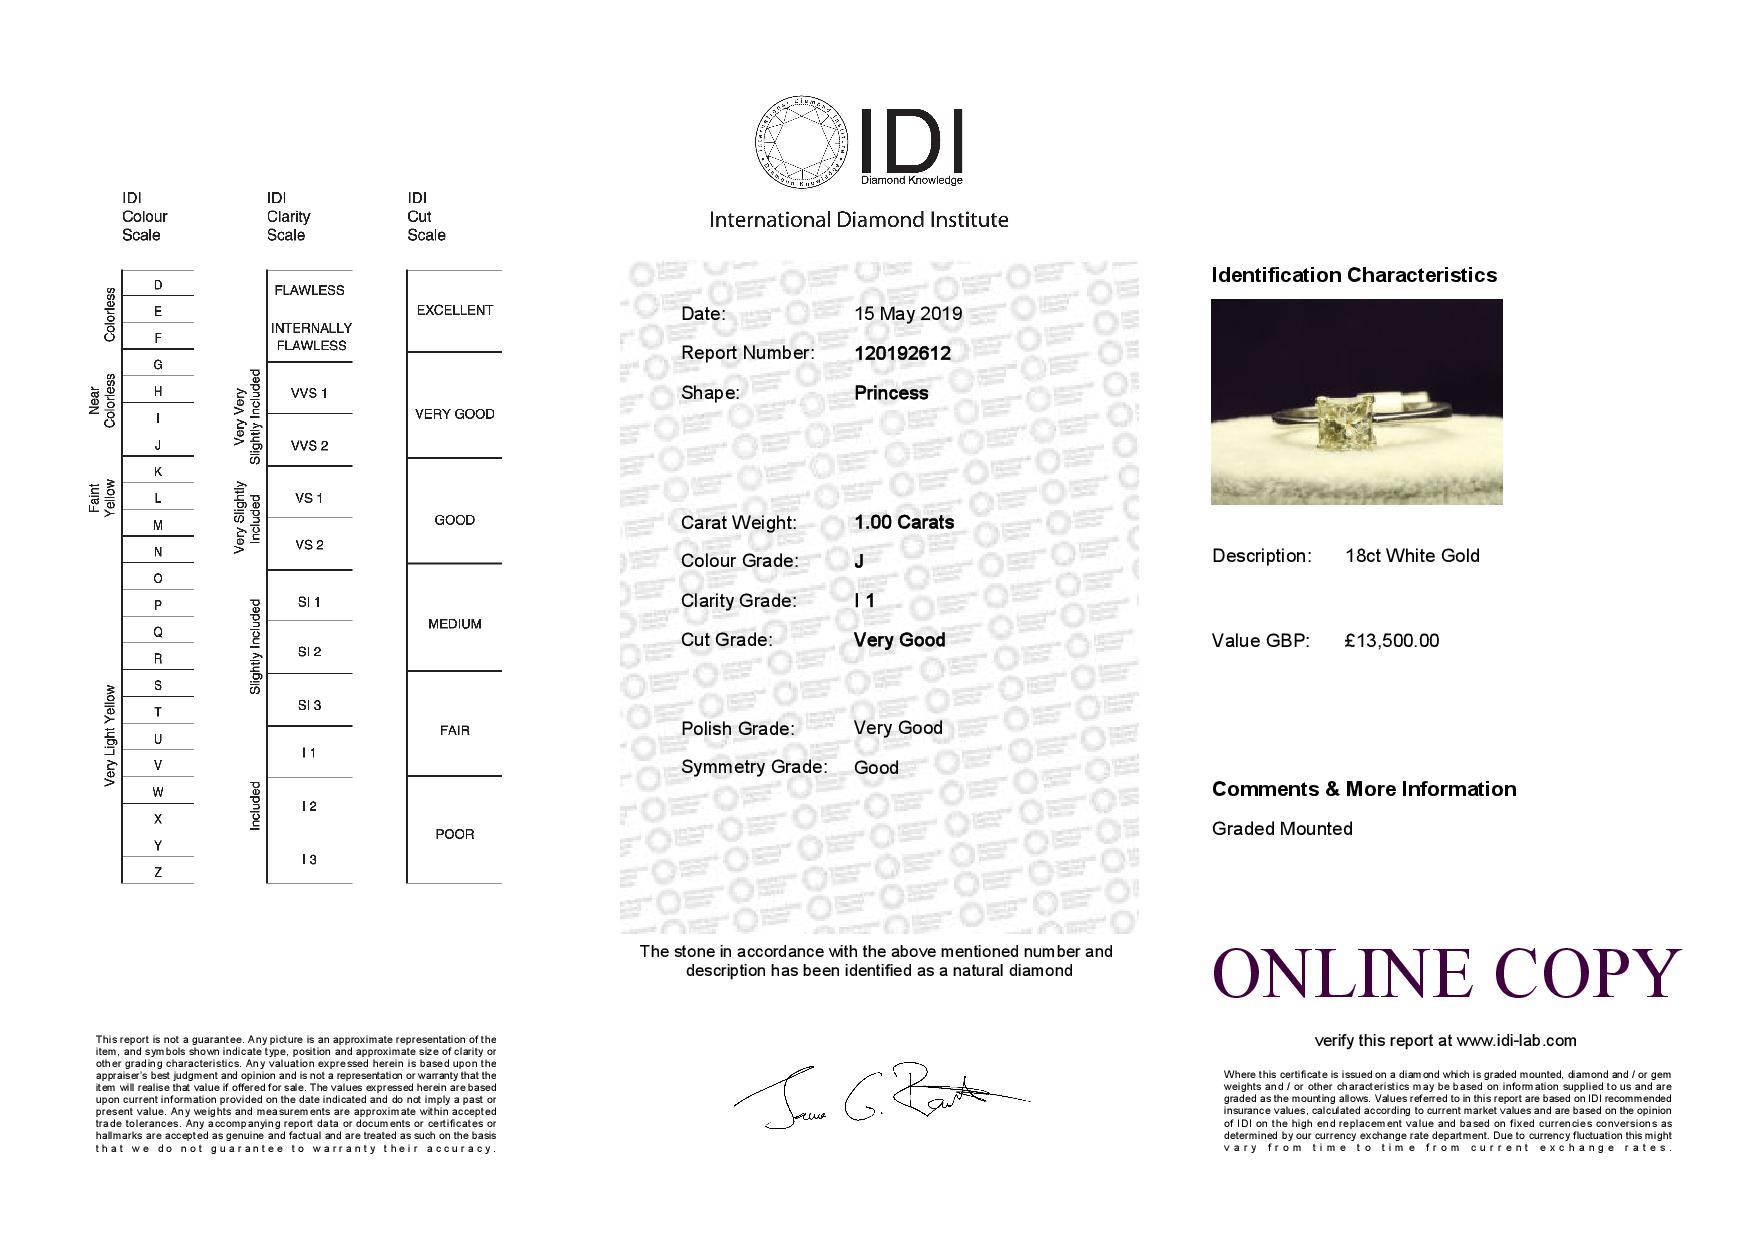 18k White Gold Single Stone Prong Set Diamond Ring 1.00 - Image 4 of 4